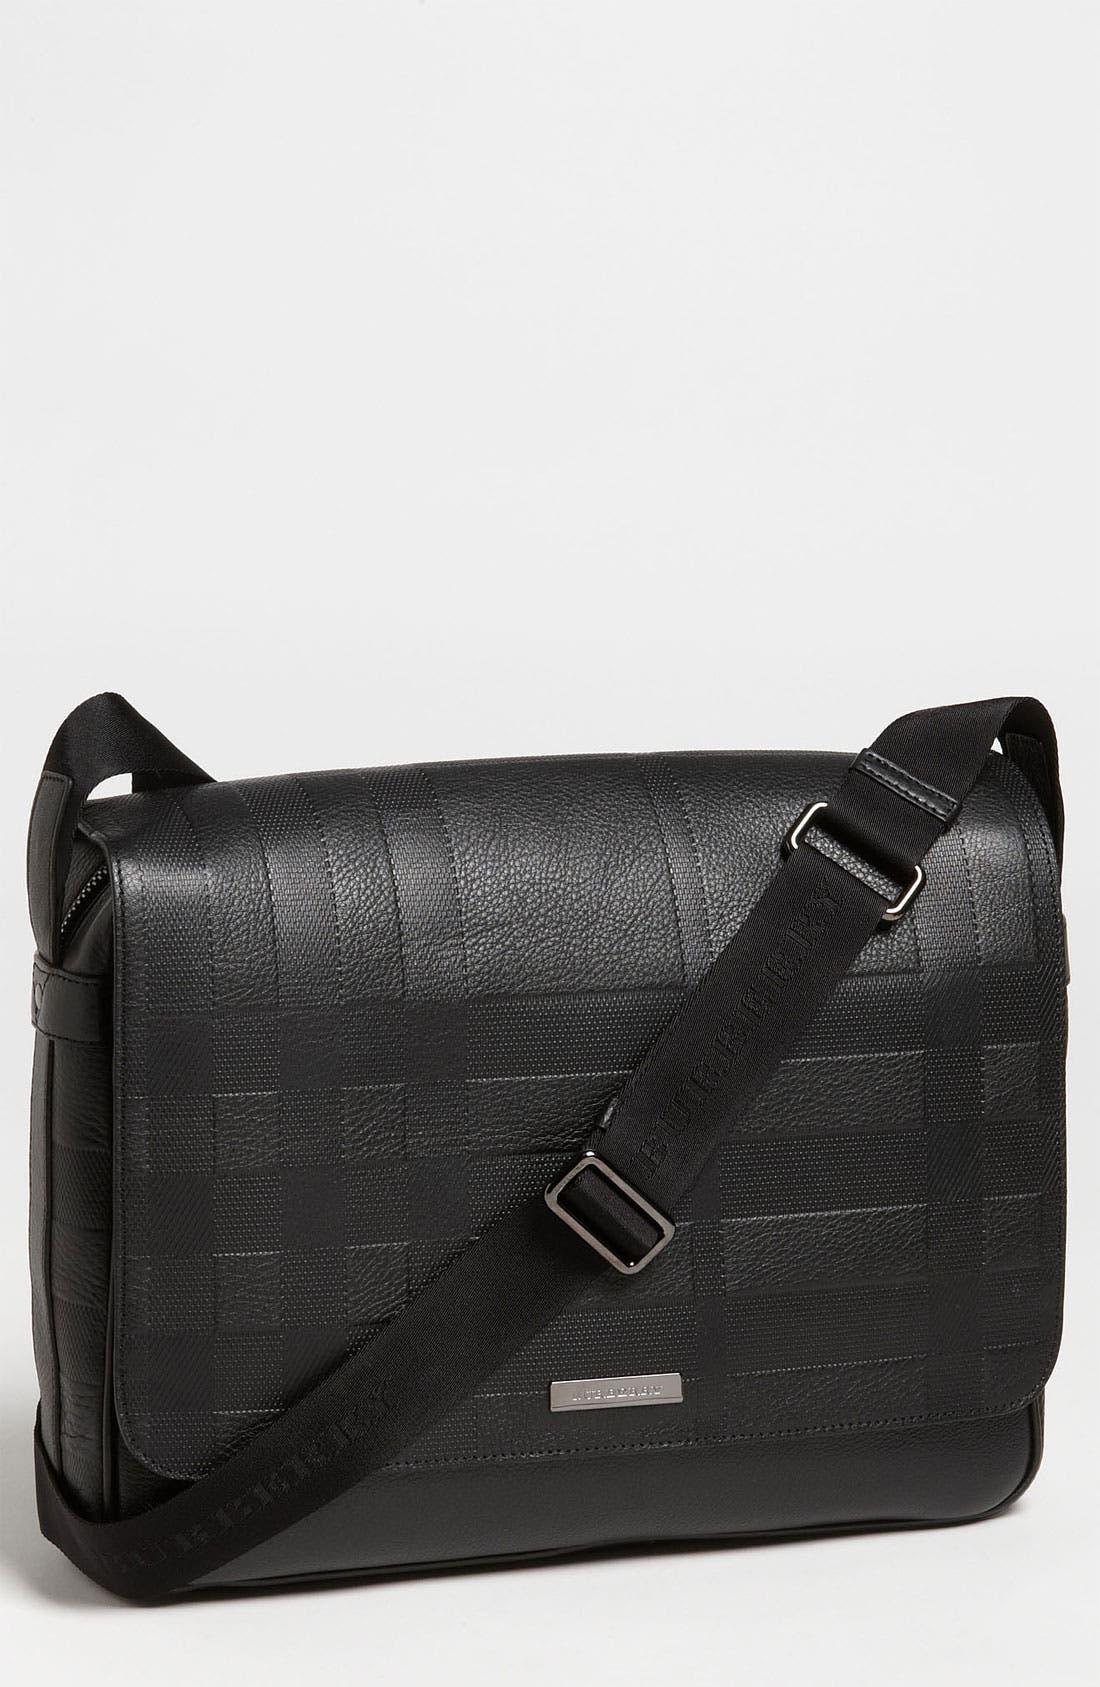 Alternate Image 1 Selected - Burberry 'Emmett' Check Embossed Leather Messenger Bag